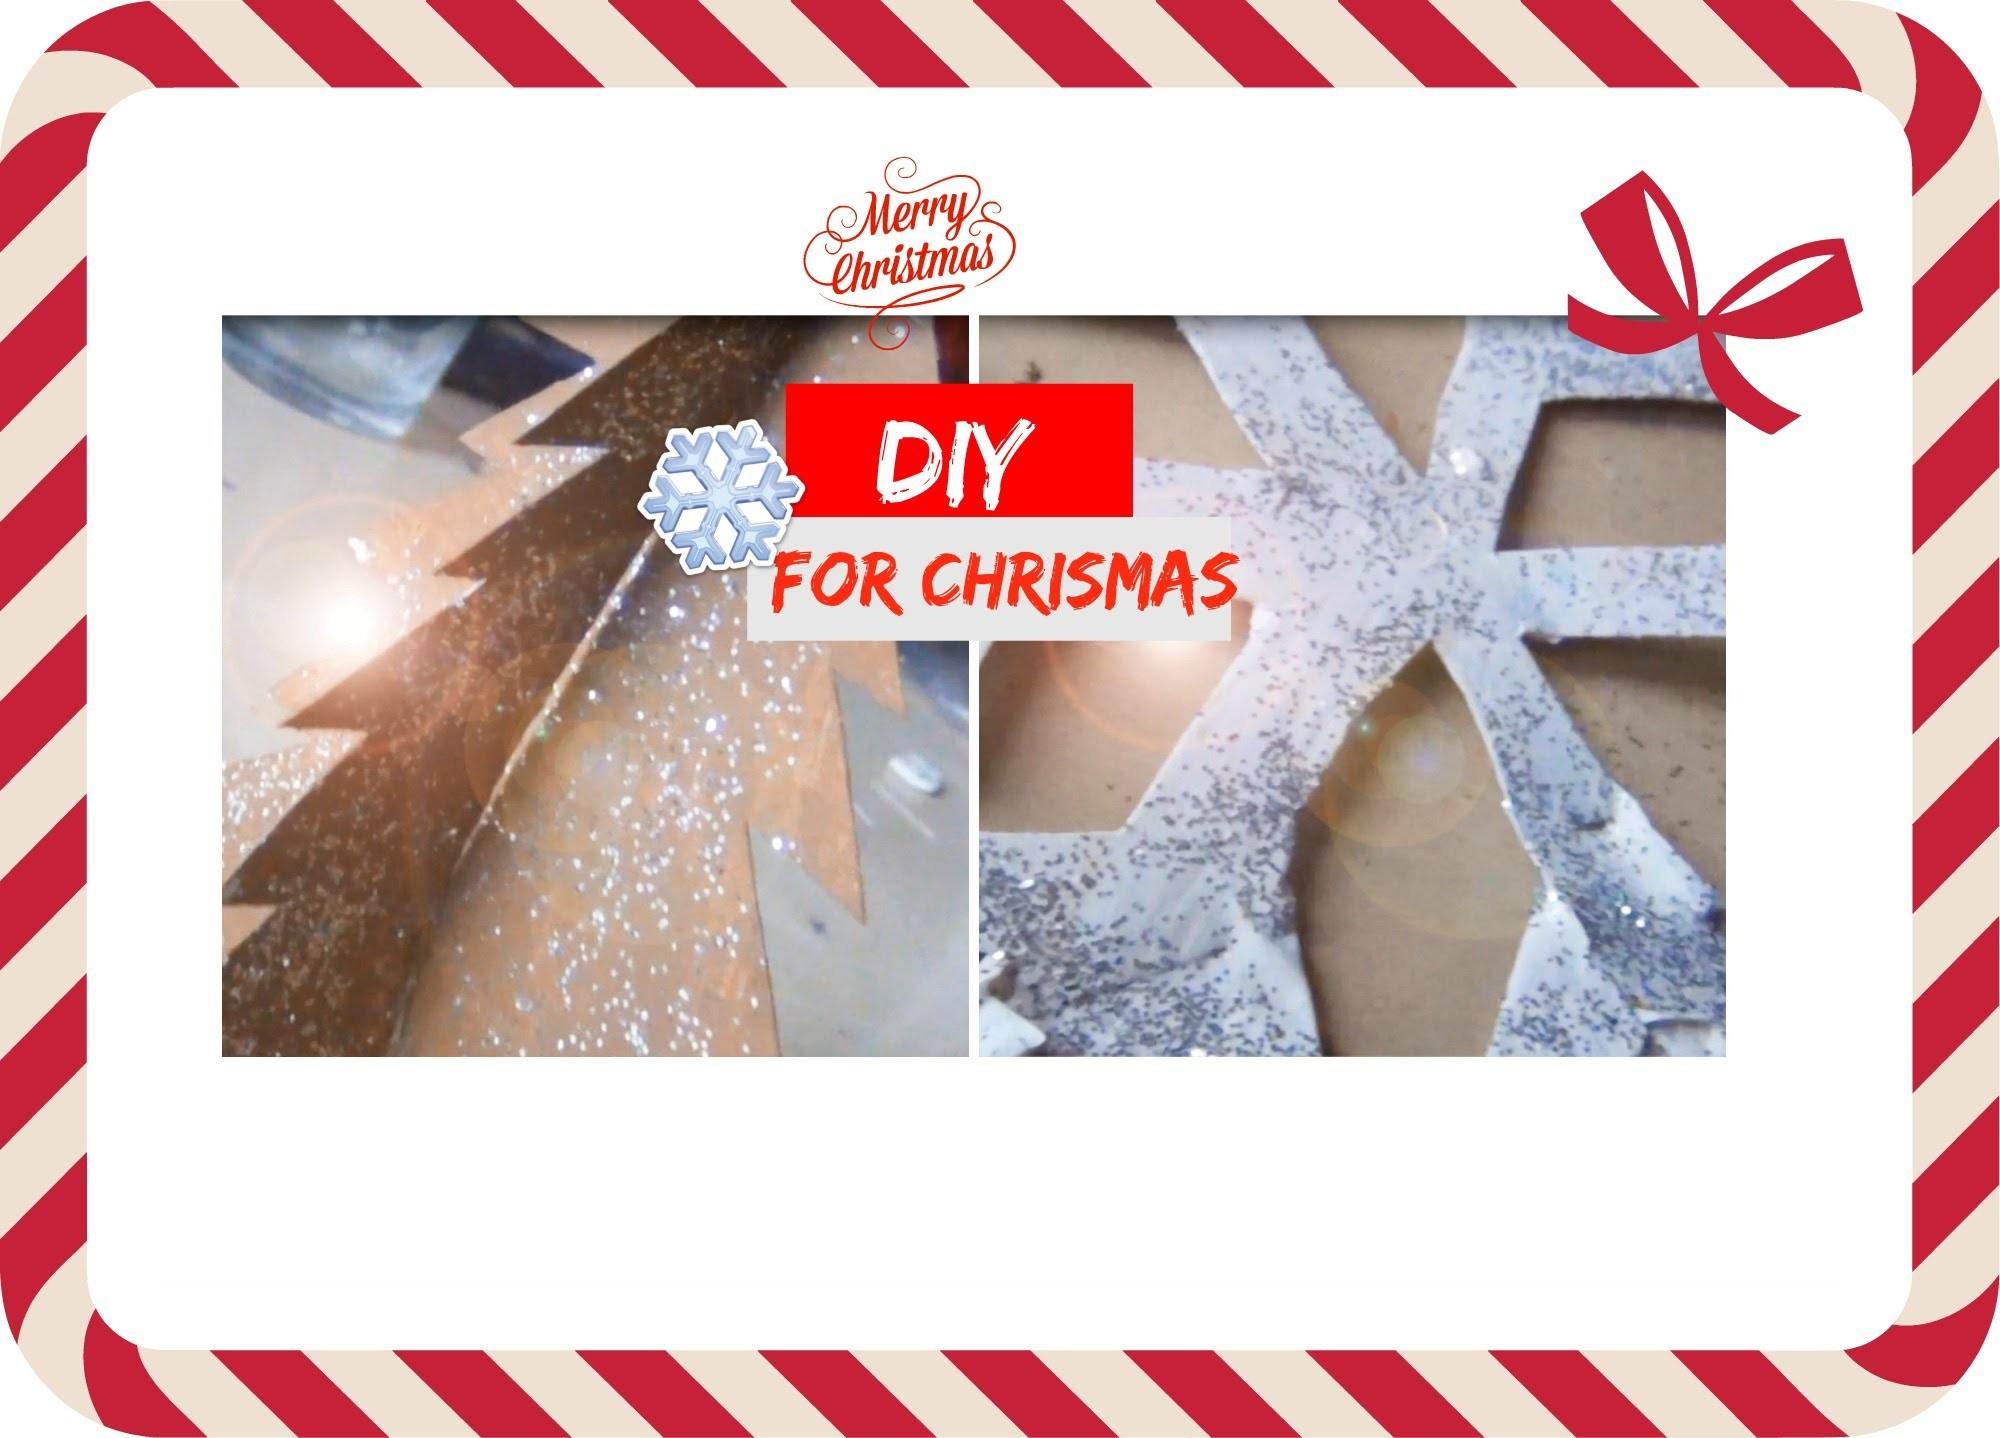 DIY for Christmas